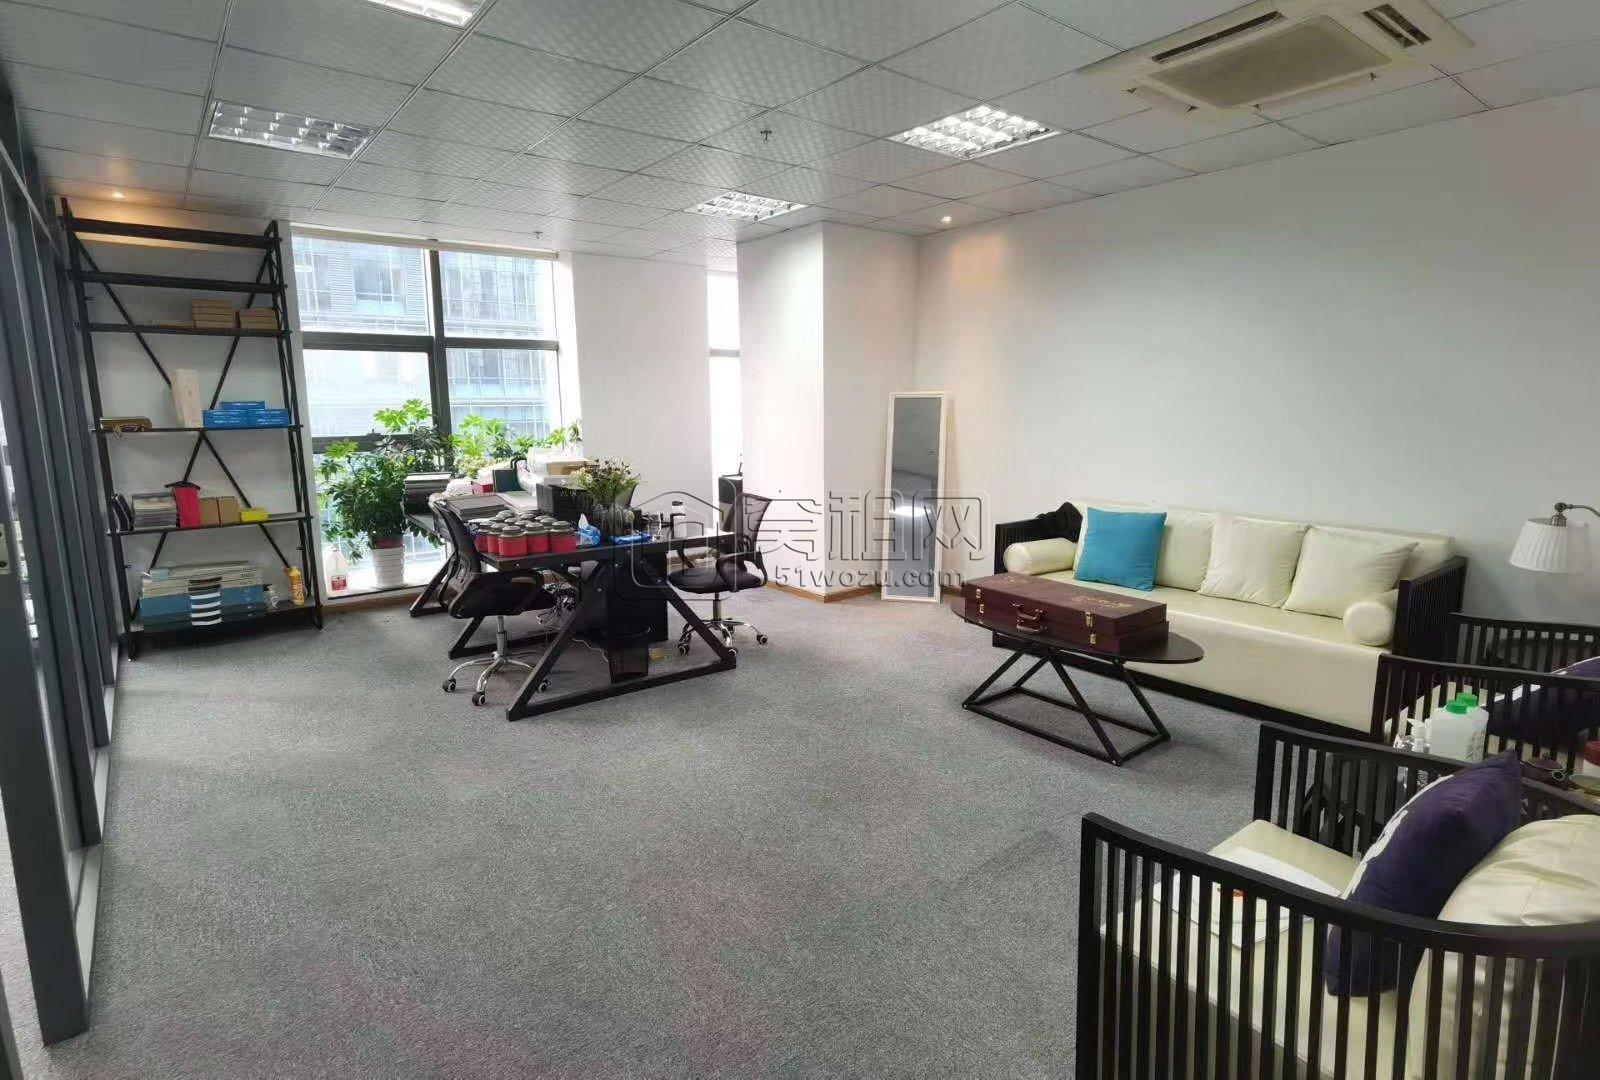 宁波南部商务区博纳大厦130平米2隔间写字楼出租